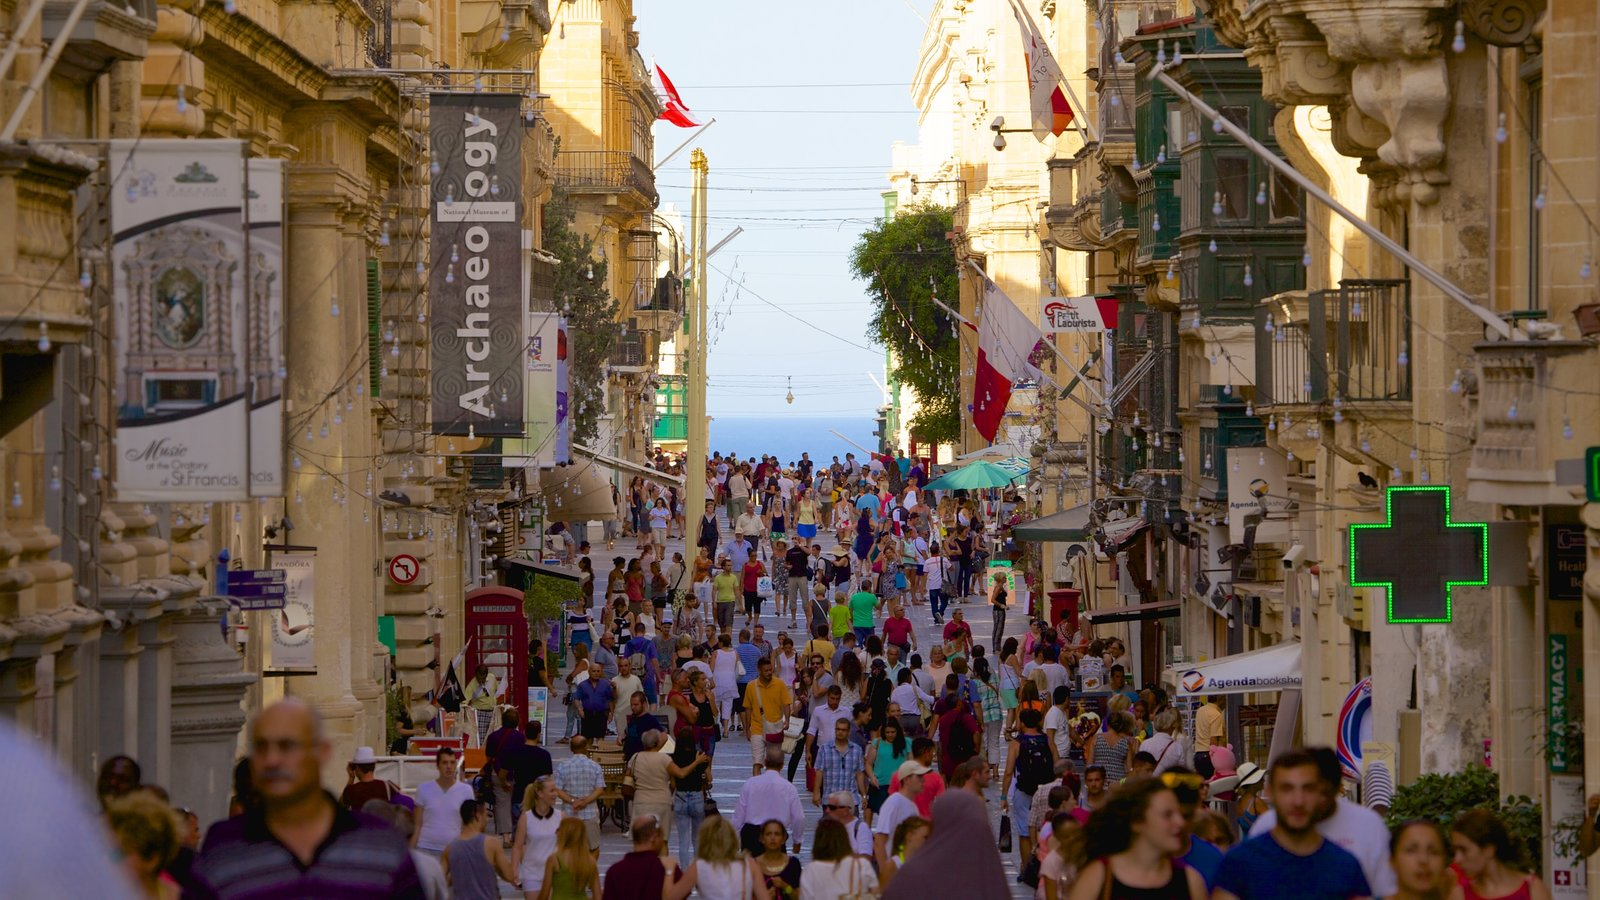 La Valeta que incluye patrimonio de arquitectura y escenas urbanas y también un gran grupo de personas